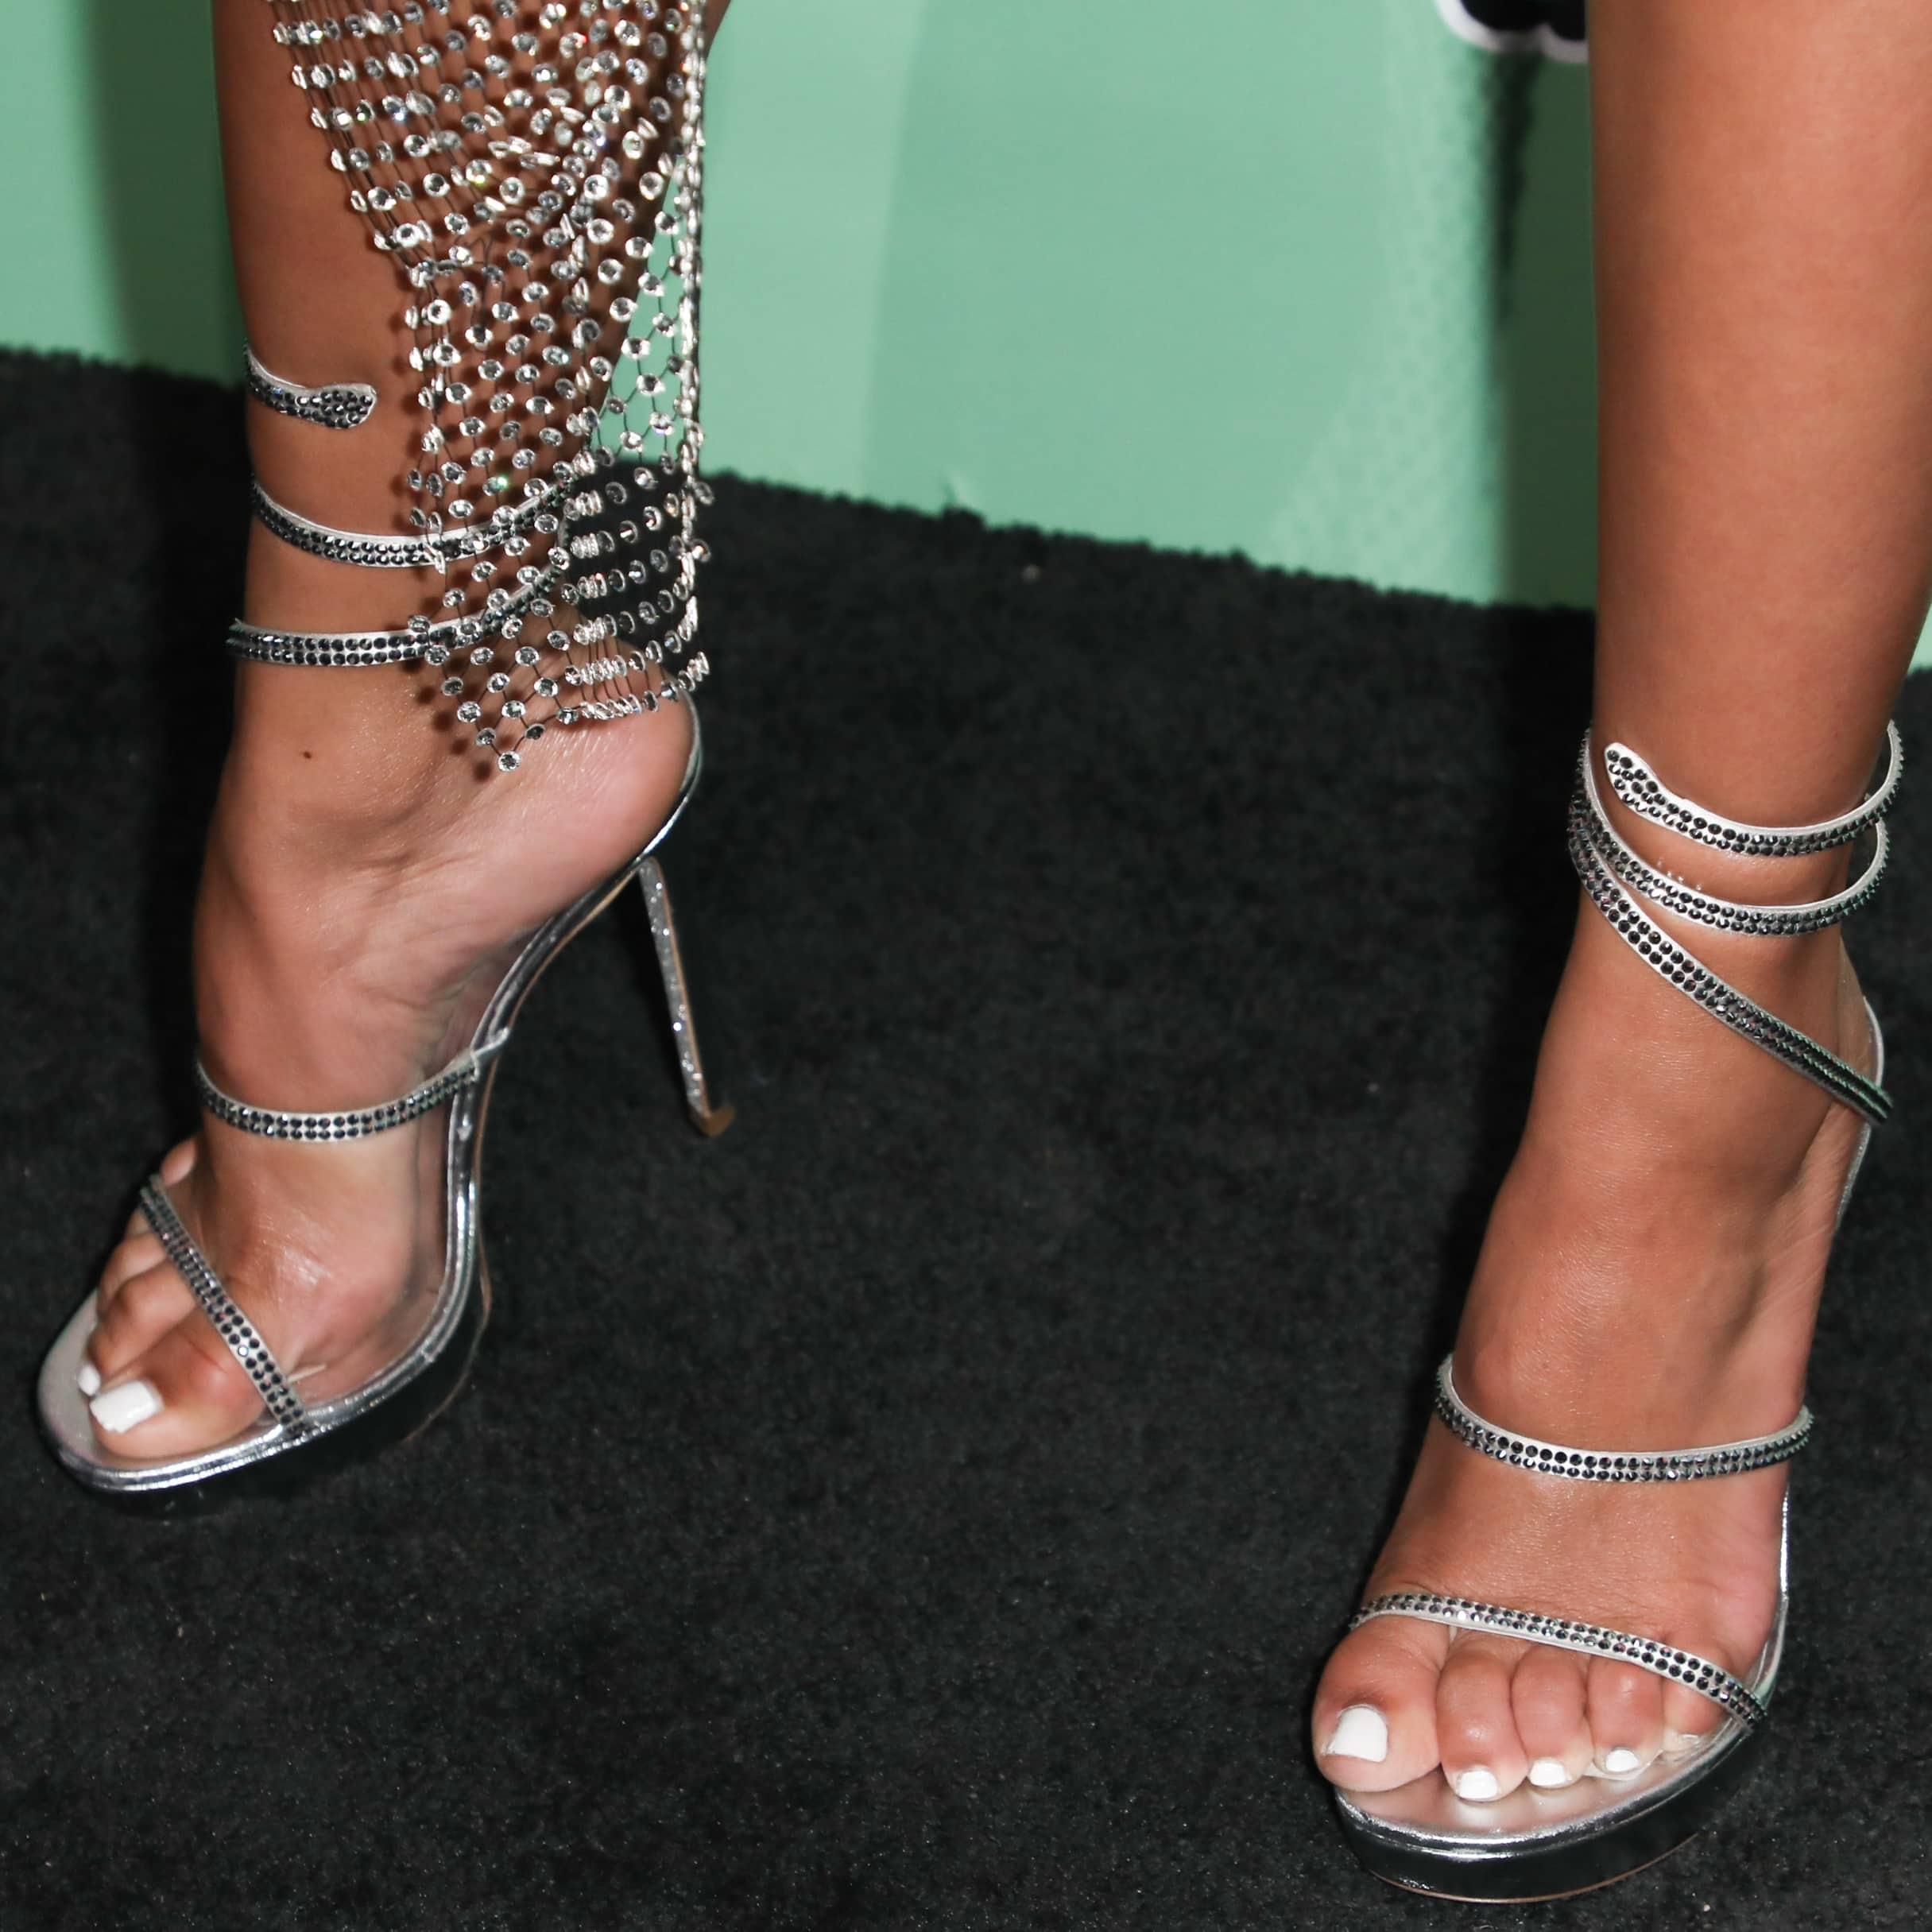 Tinashe's sexy feet in René Caovilla Cleo sandals